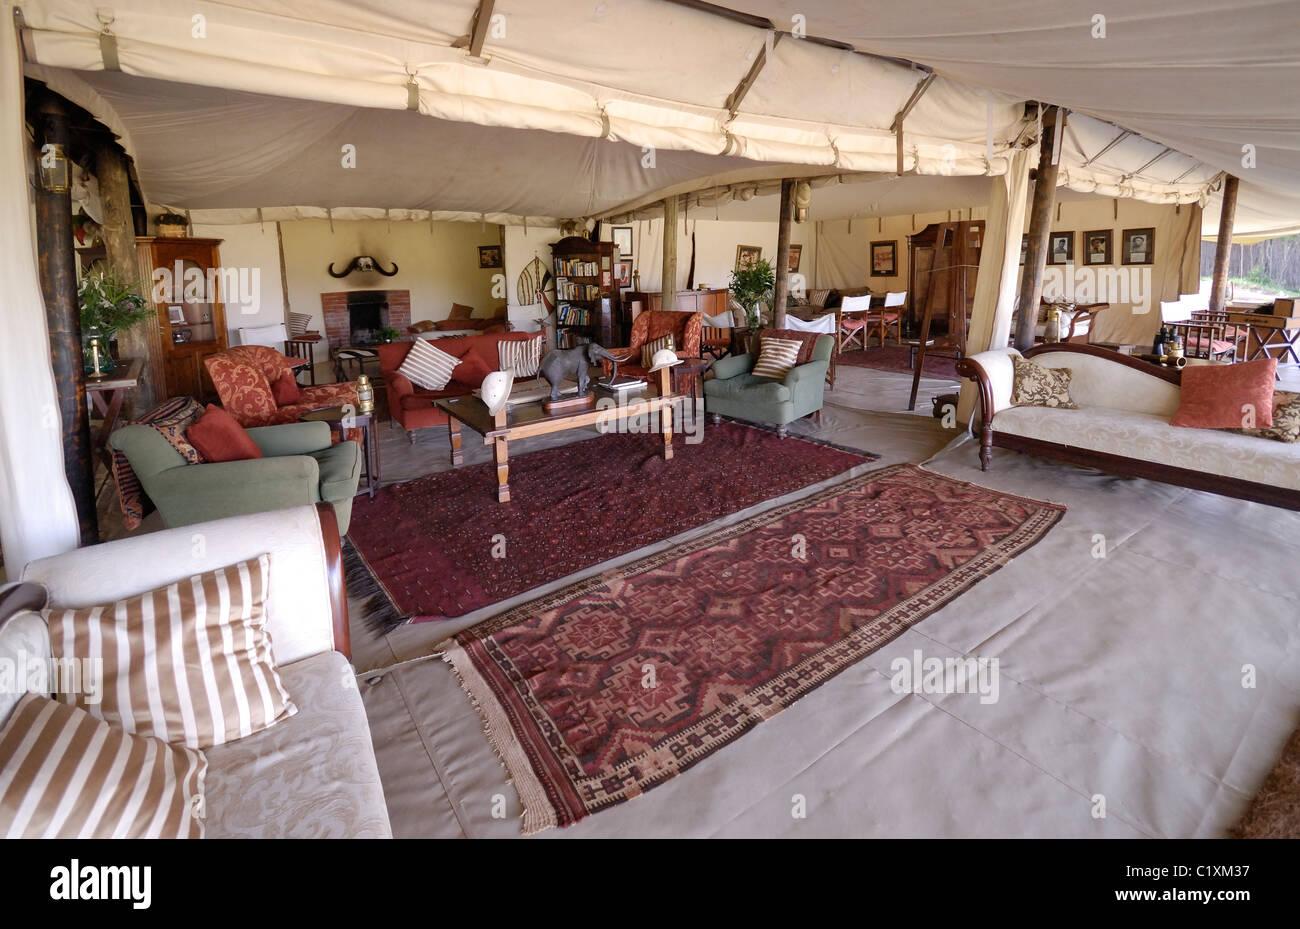 Wohnzimmer In Luxus Cottars 1920er Eher Camp, Masai Mara, Kenia, Afrika